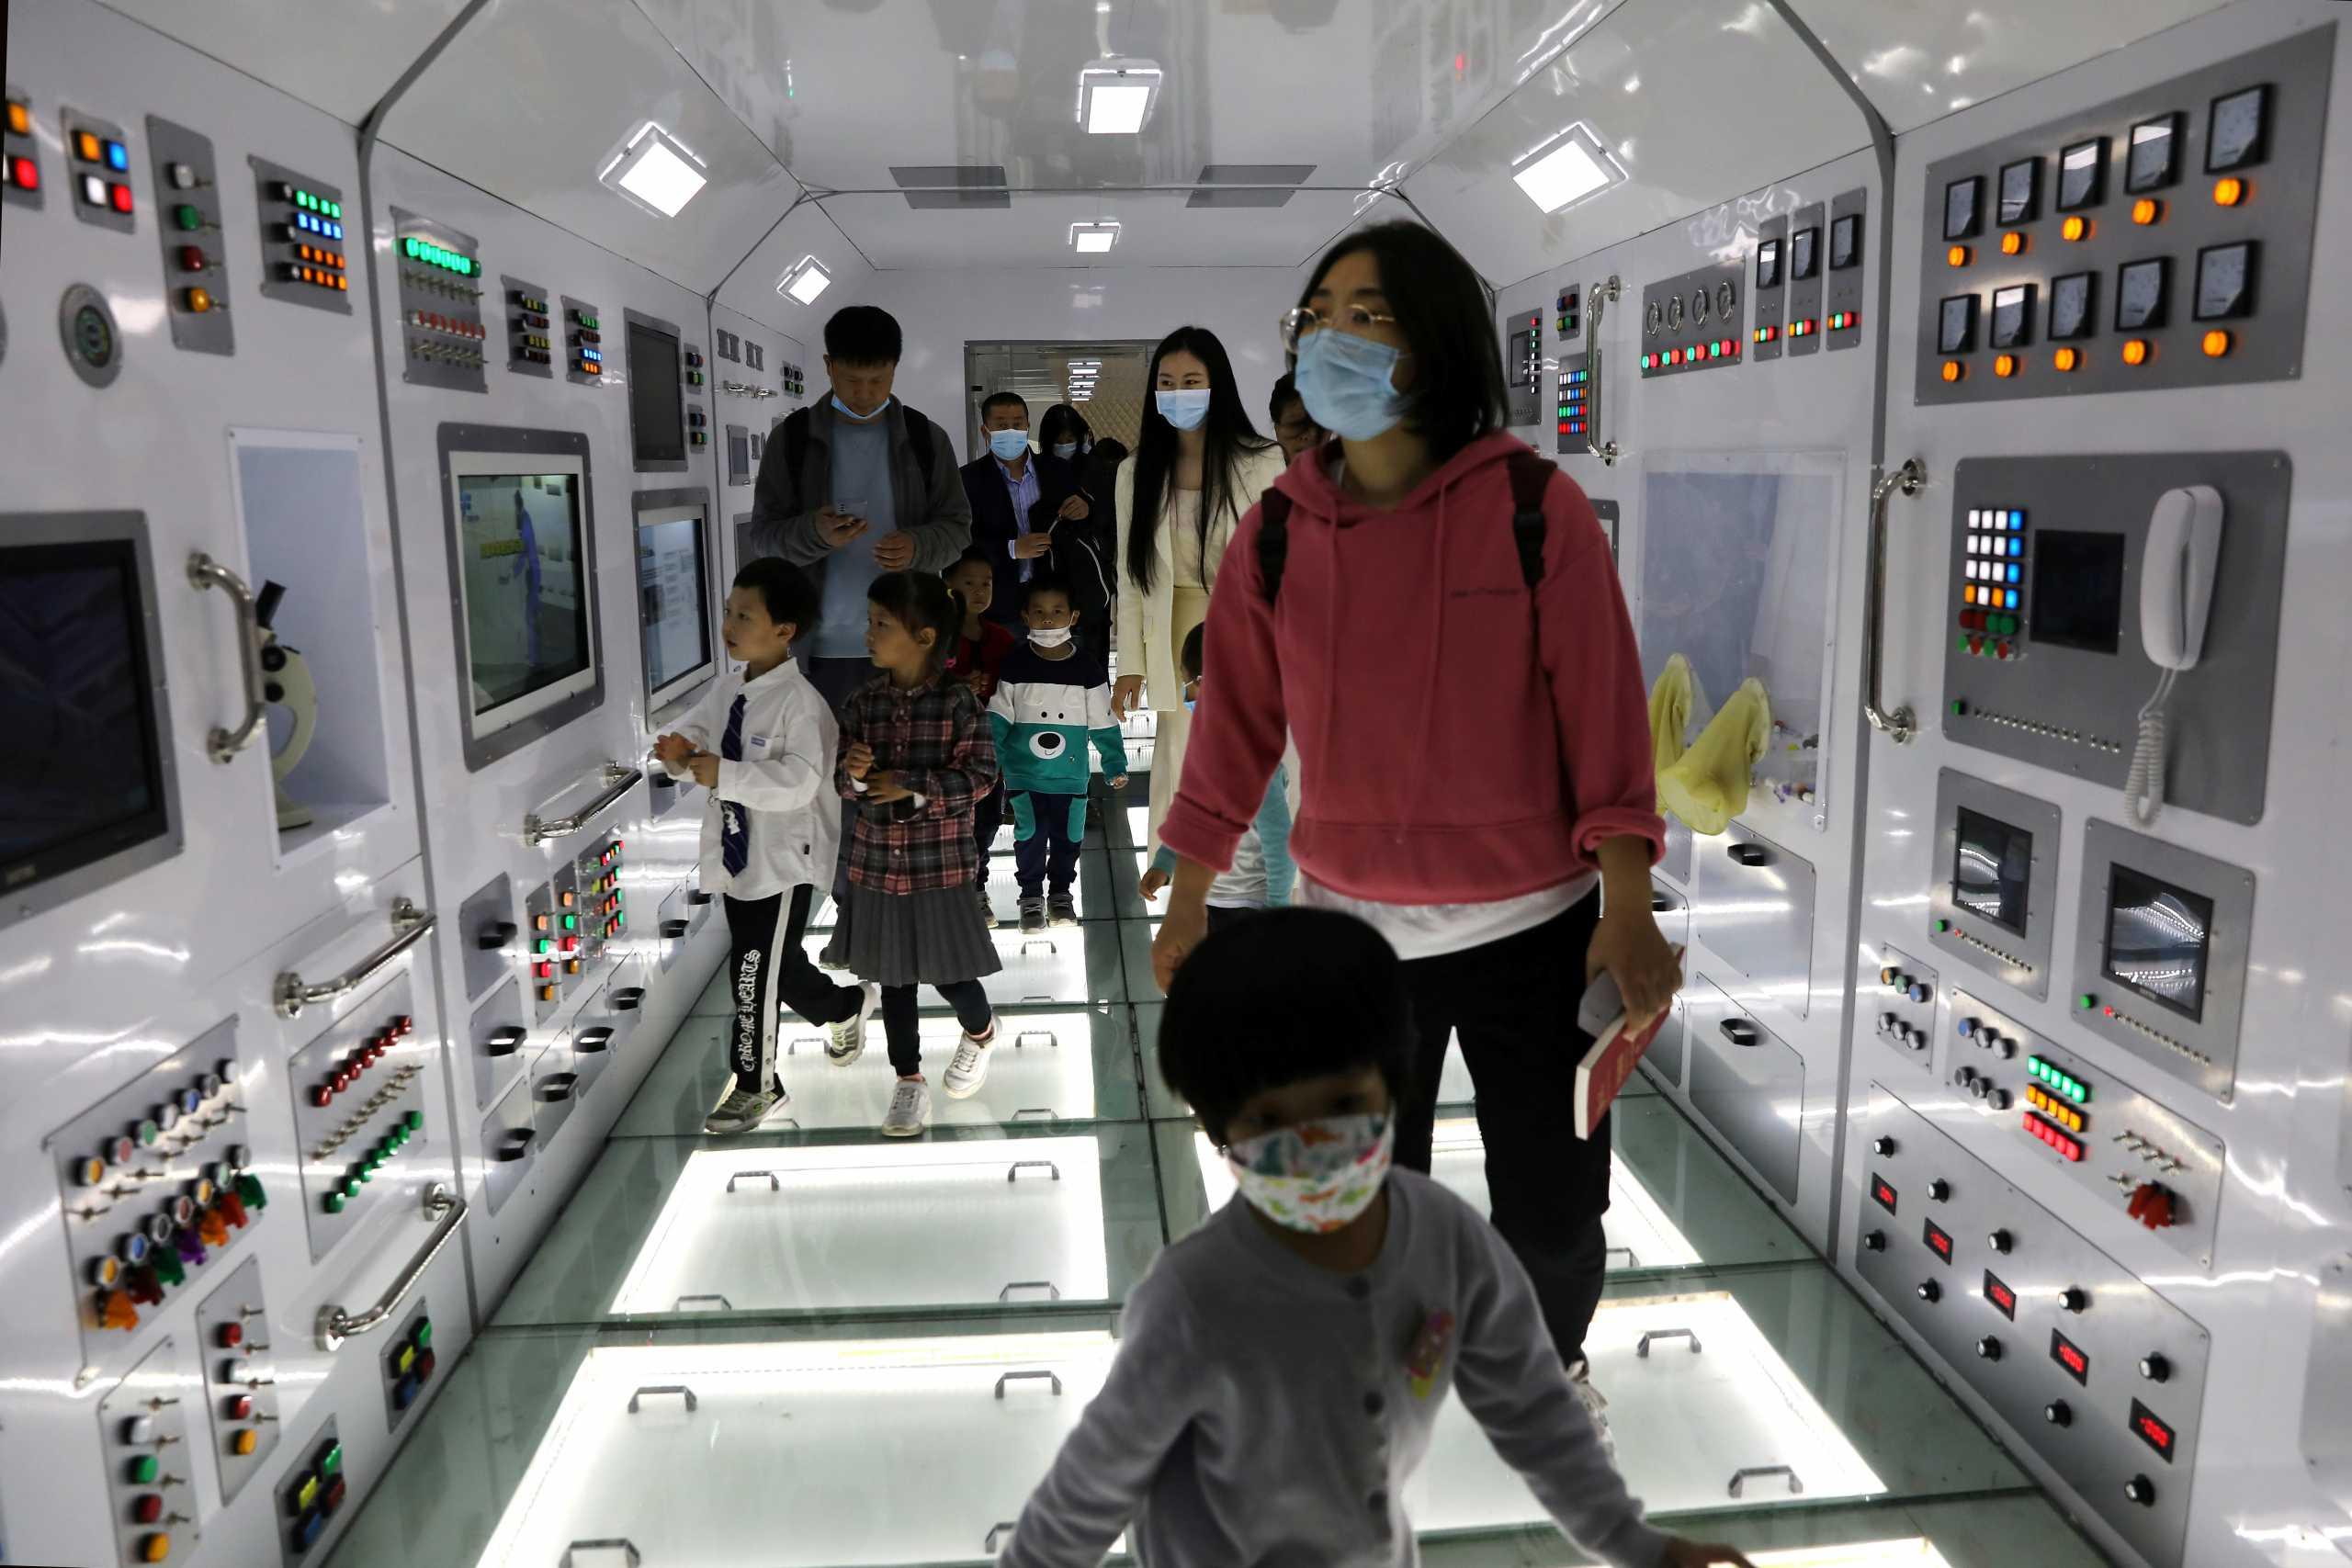 Κίνα: Πλέον κάθε ζευγάρι θα μπορεί να αποκτήσει και 3ο παιδί